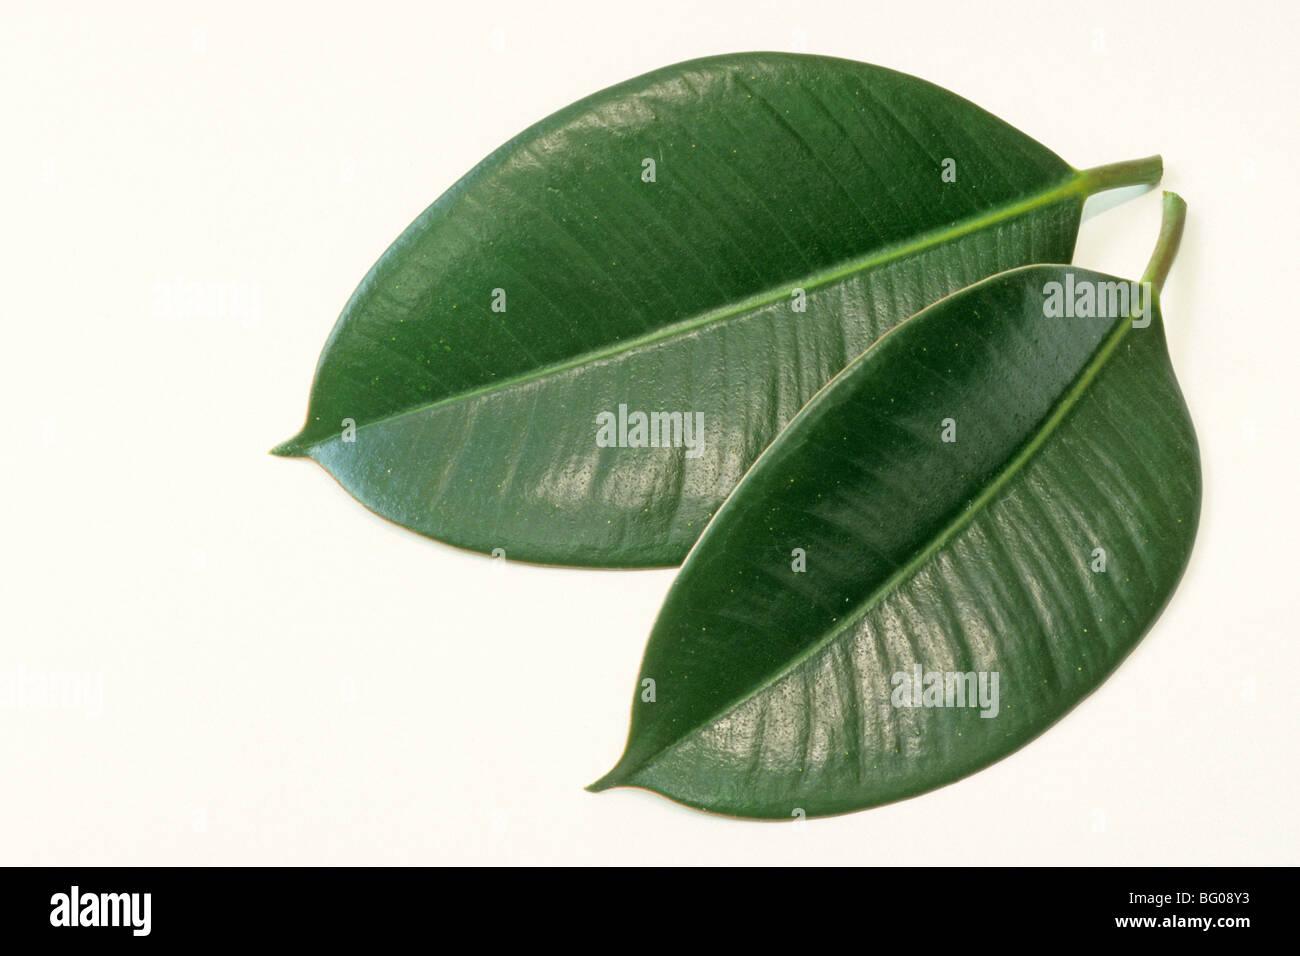 Come Riprodurre Il Ficus Benjamin india struttura in gomma, gomma fig (ficus elastica), due